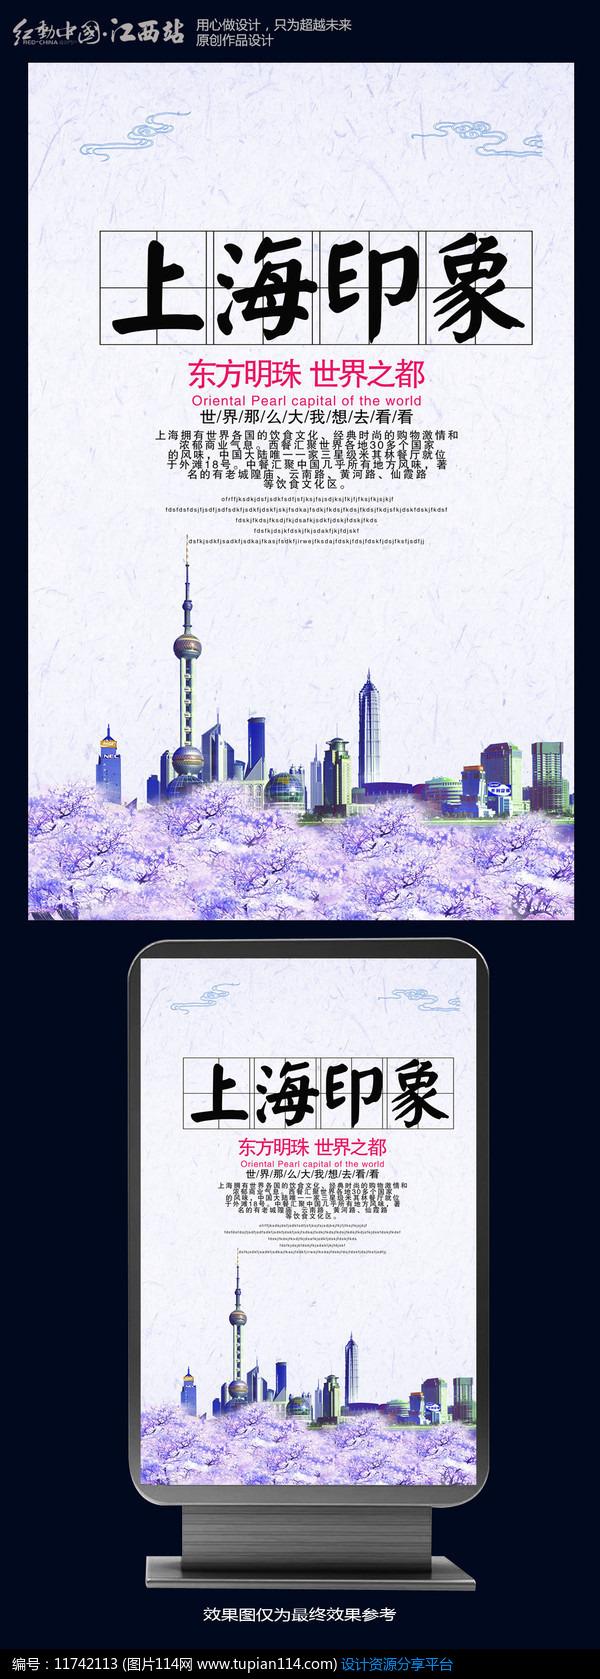 [原创] 水彩上海印象旅游海报设计图片